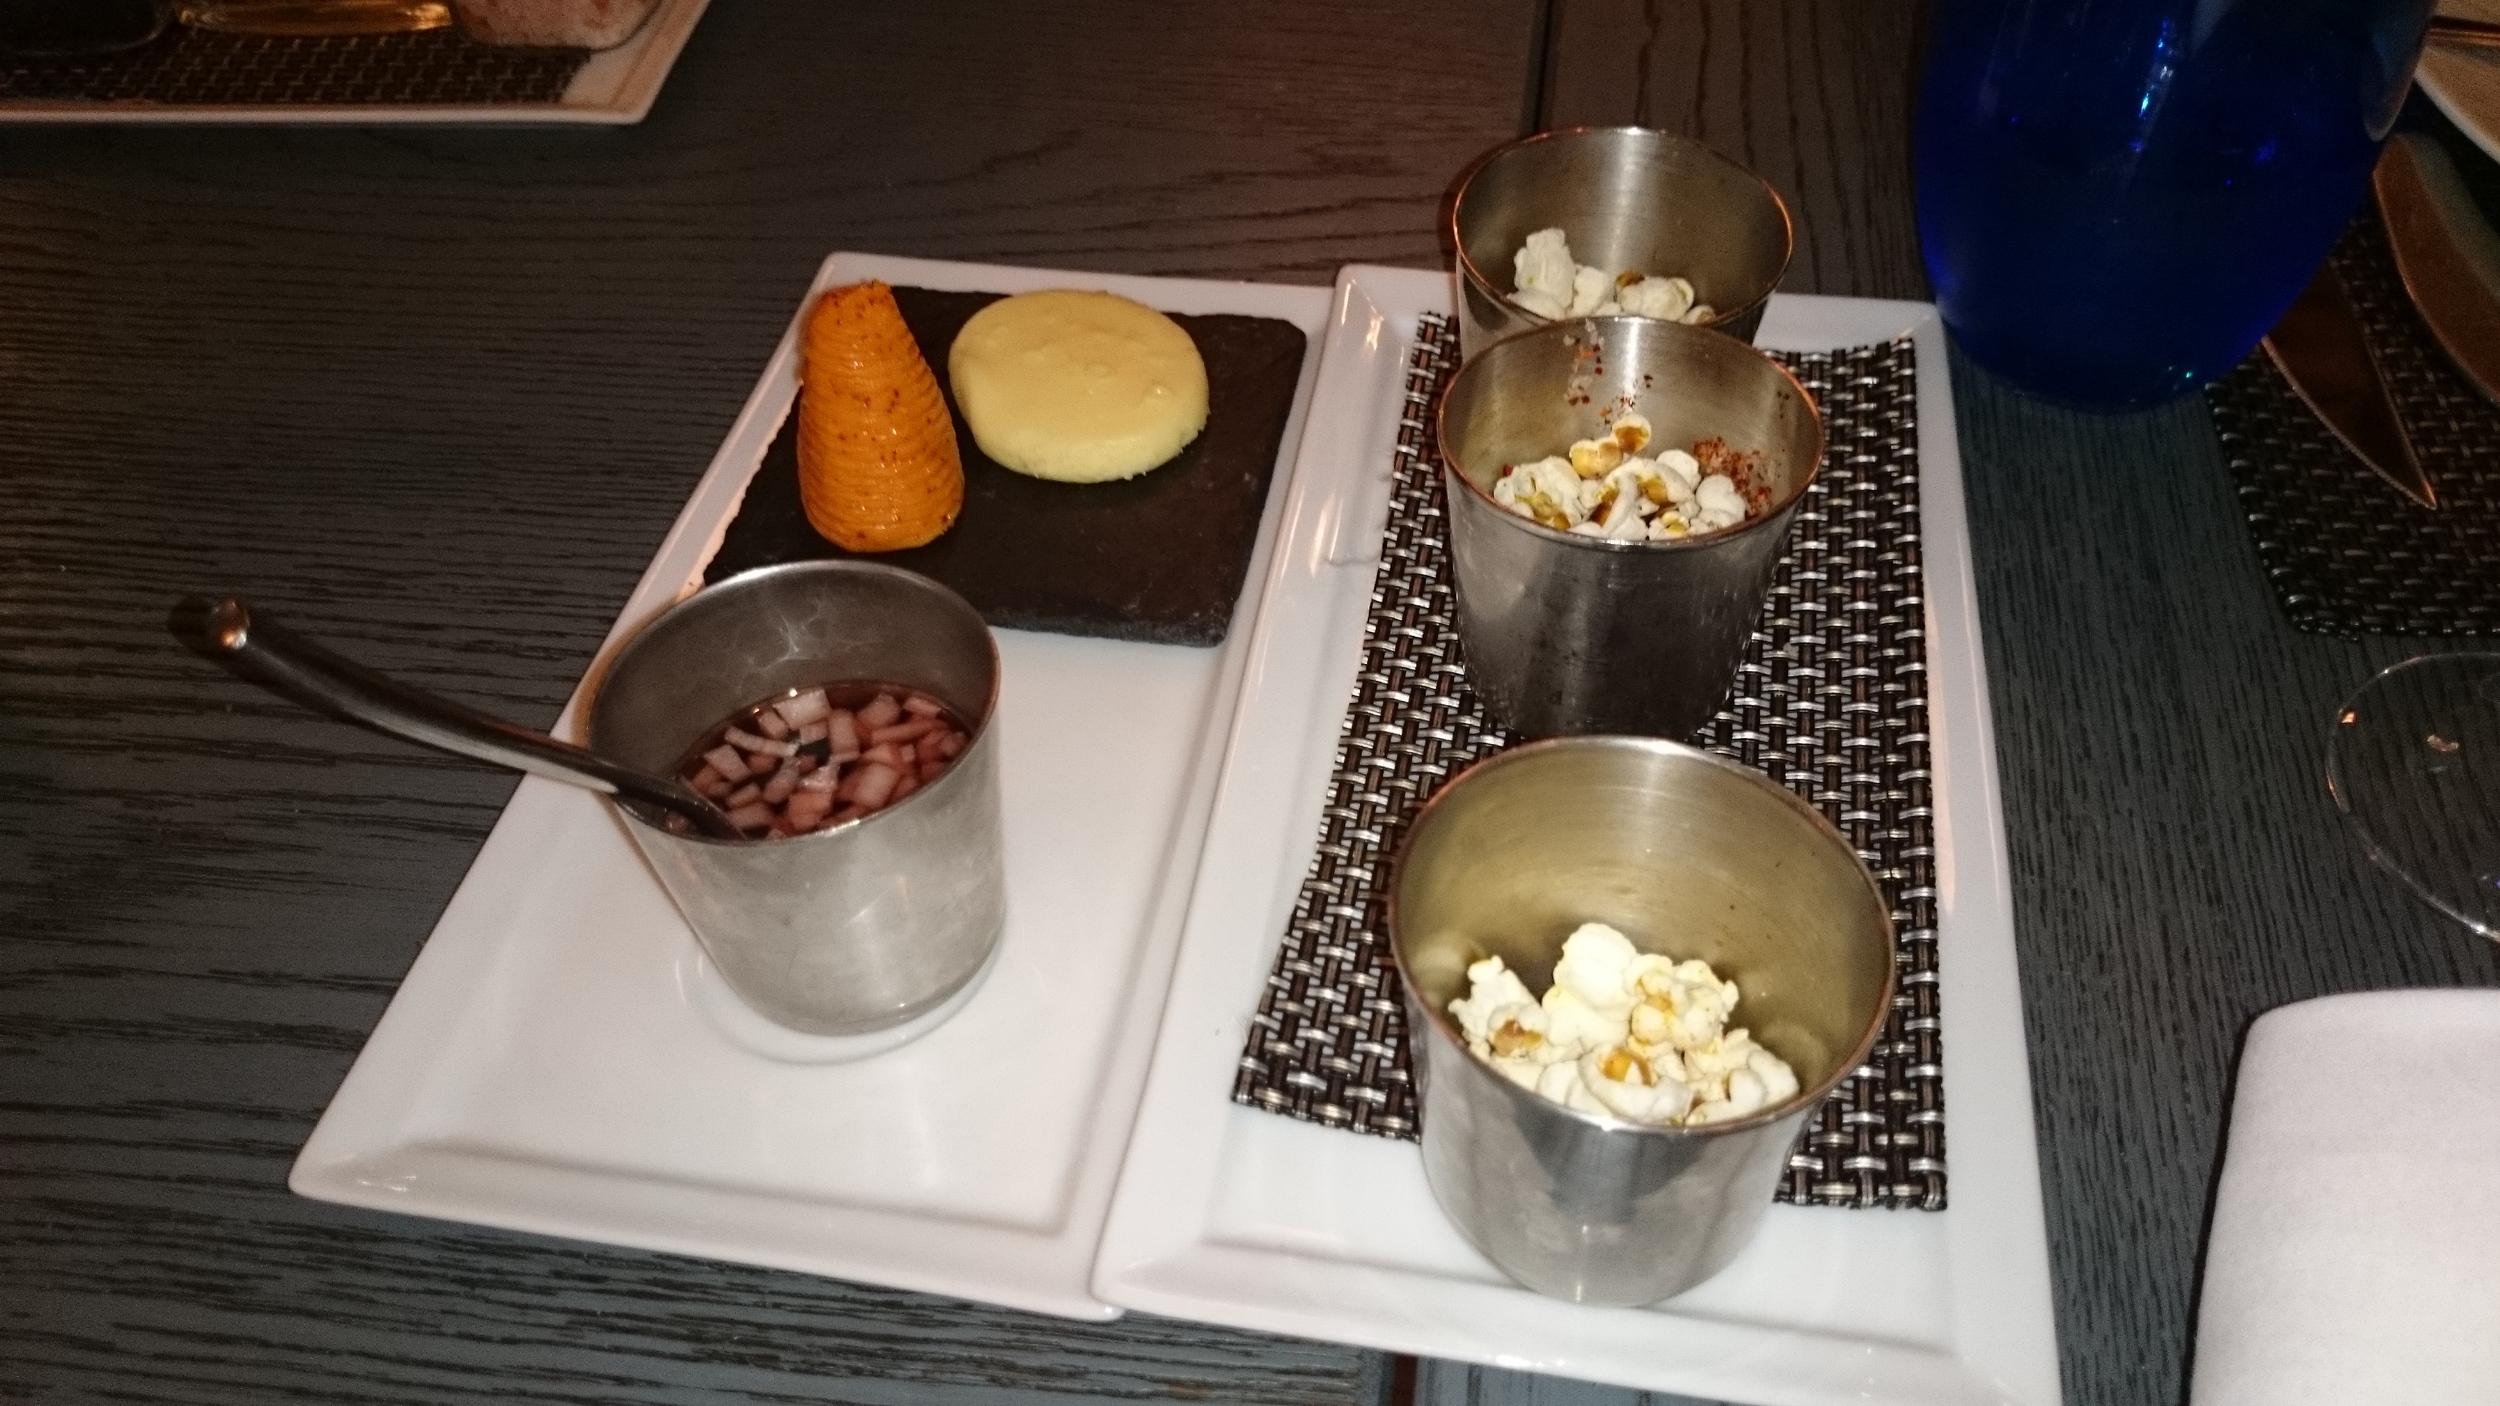 このレストランでは牡蠣はビネガーソースをつけて食べるらしいが、シンプルにレモンとオリーブソースが一番おいしかったかな。。 (因みにビネガーソースの隣は人参ではなく、その形をしたバターです。 バゲットにつけるとおいしかったなぁ。。